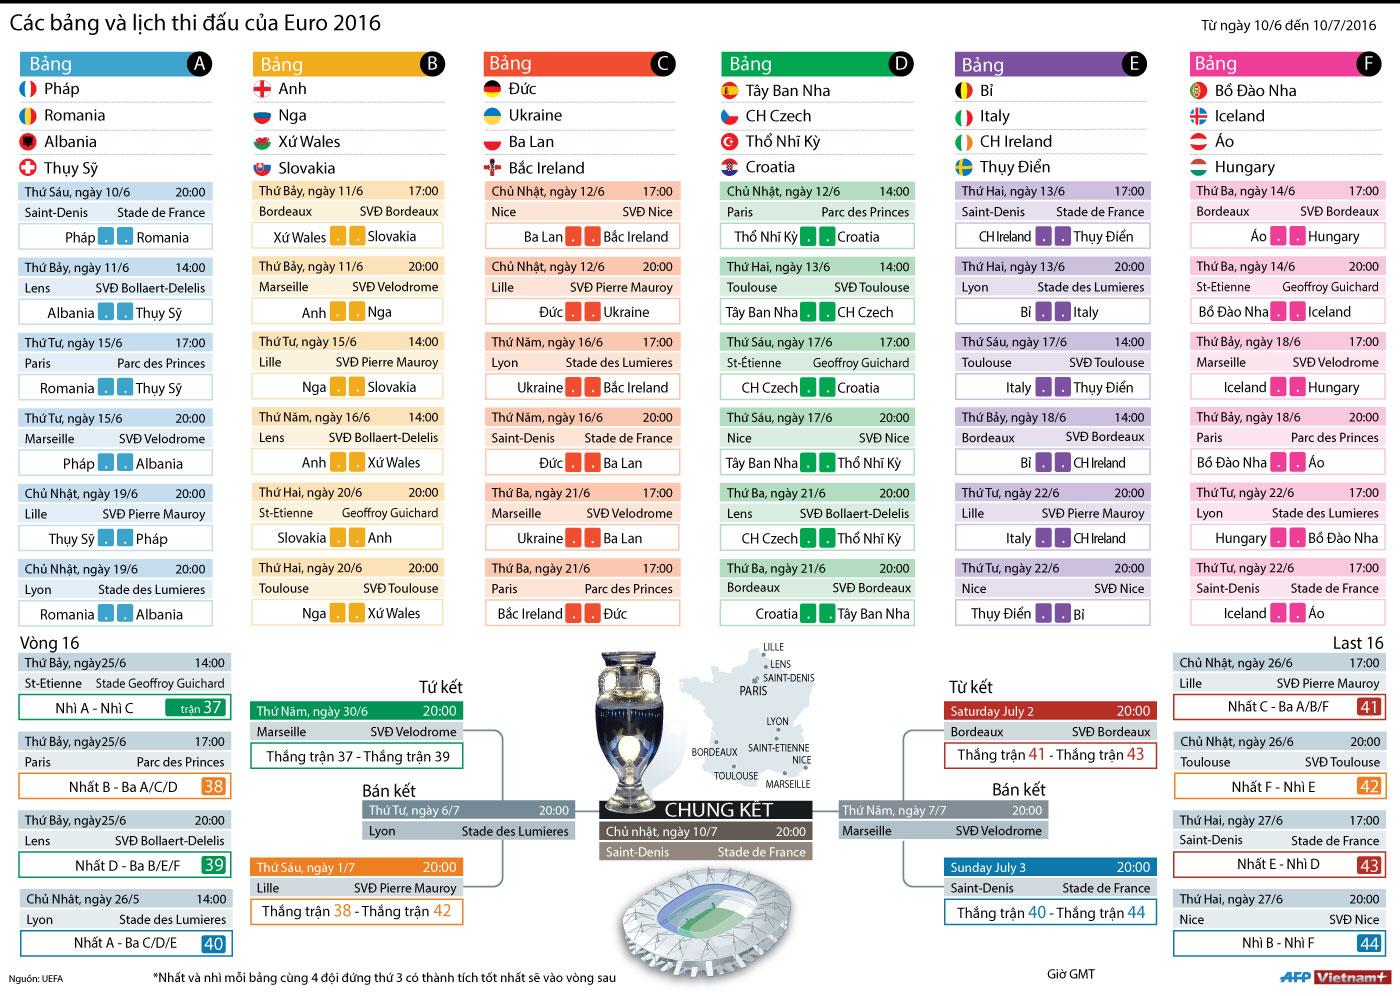 Tải lịch thi đấu Euro 2016